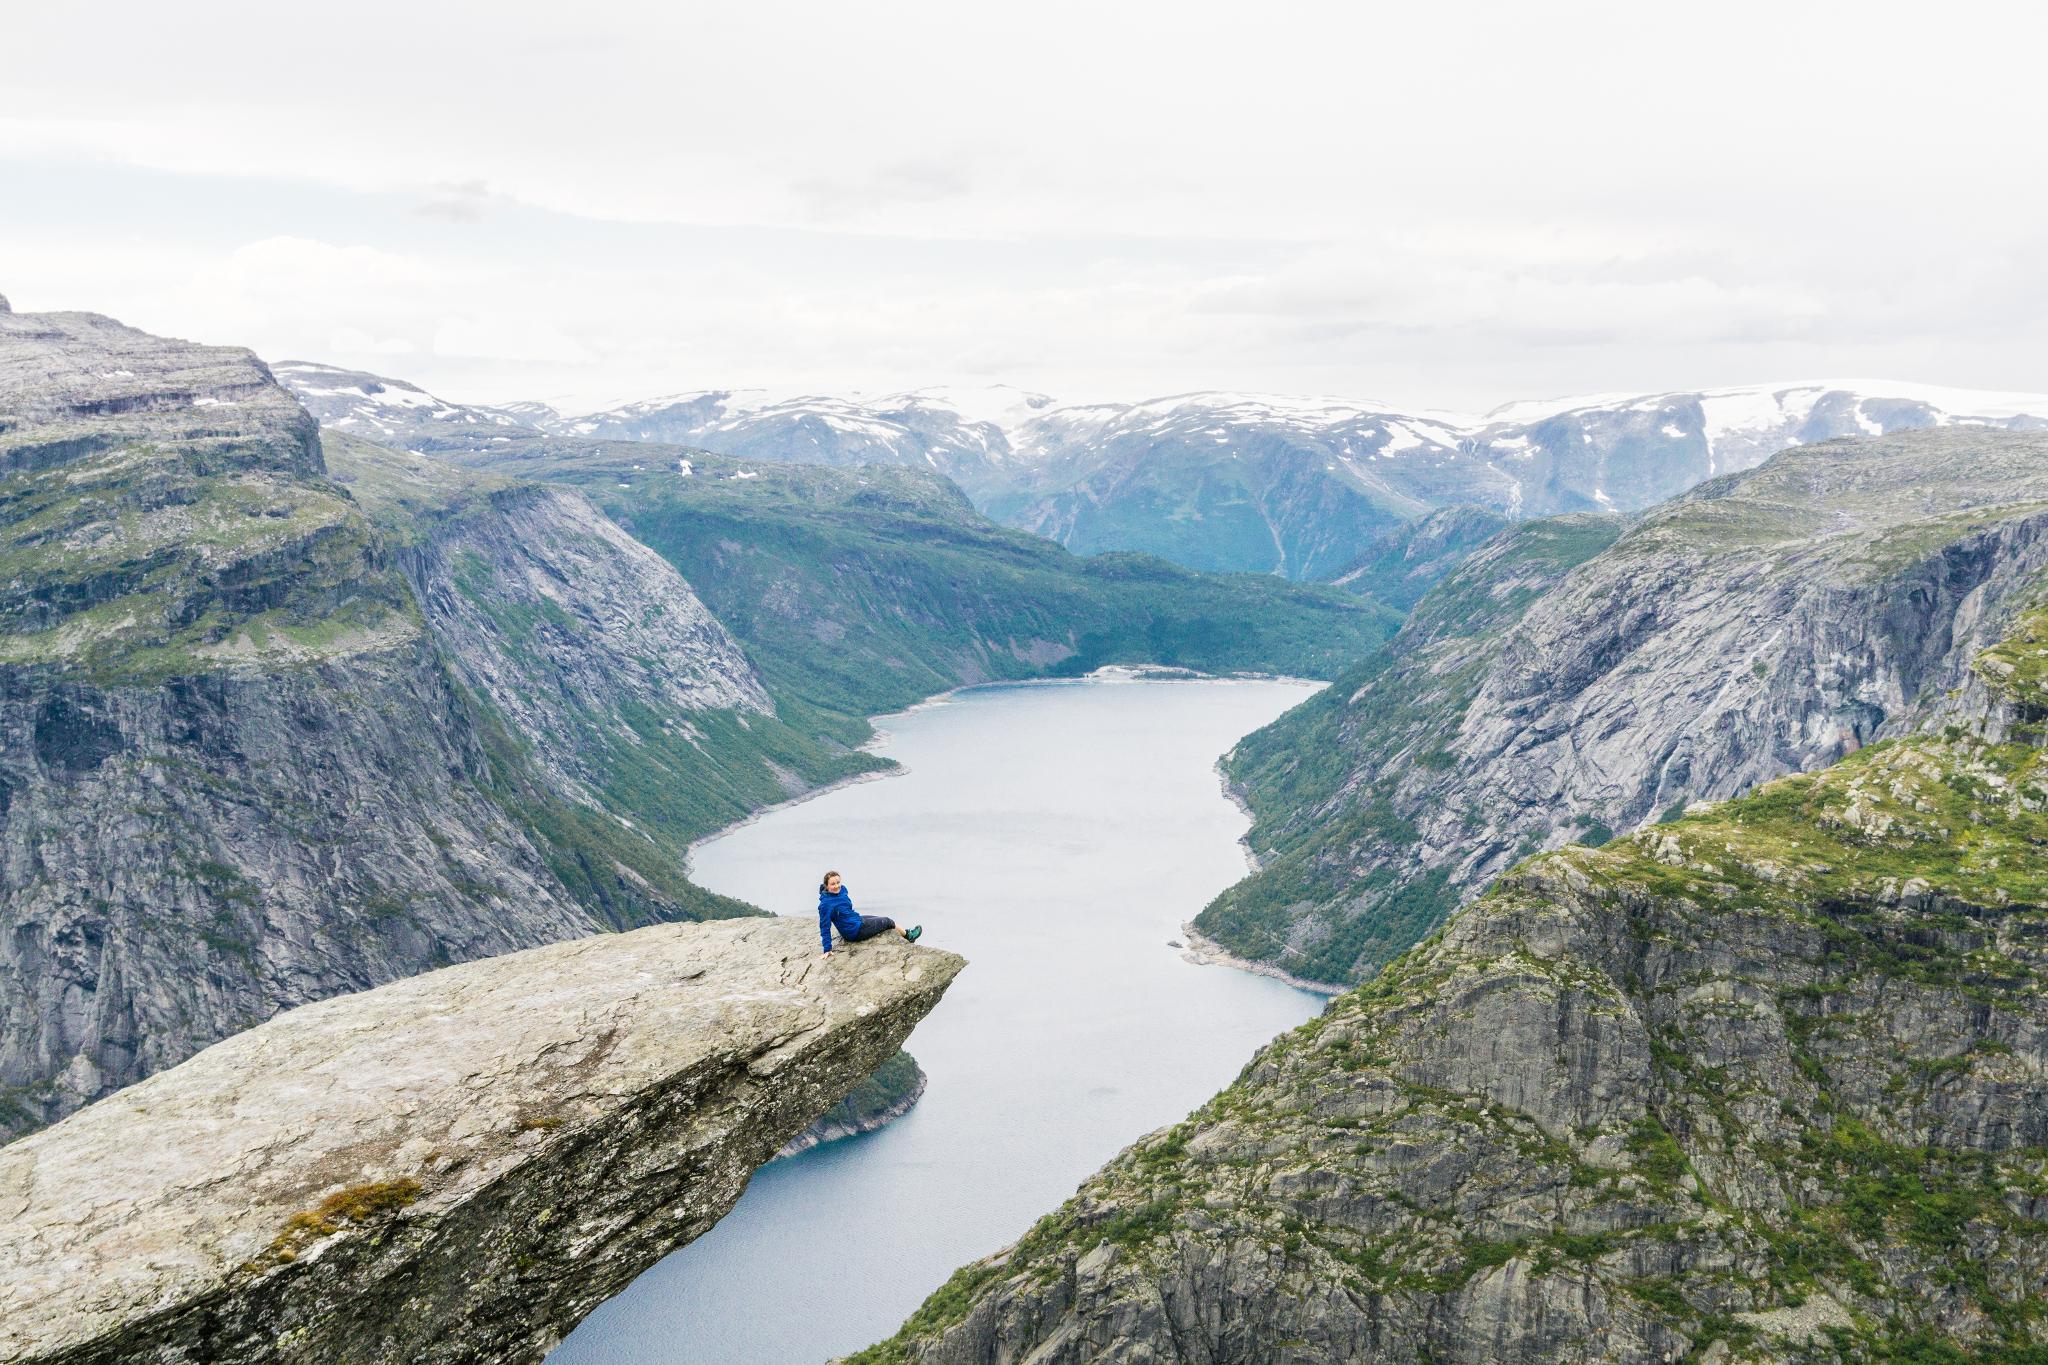 【北歐景點】挪威惡魔之舌 Trolltunga — 28公里健行挑戰全攻略 232